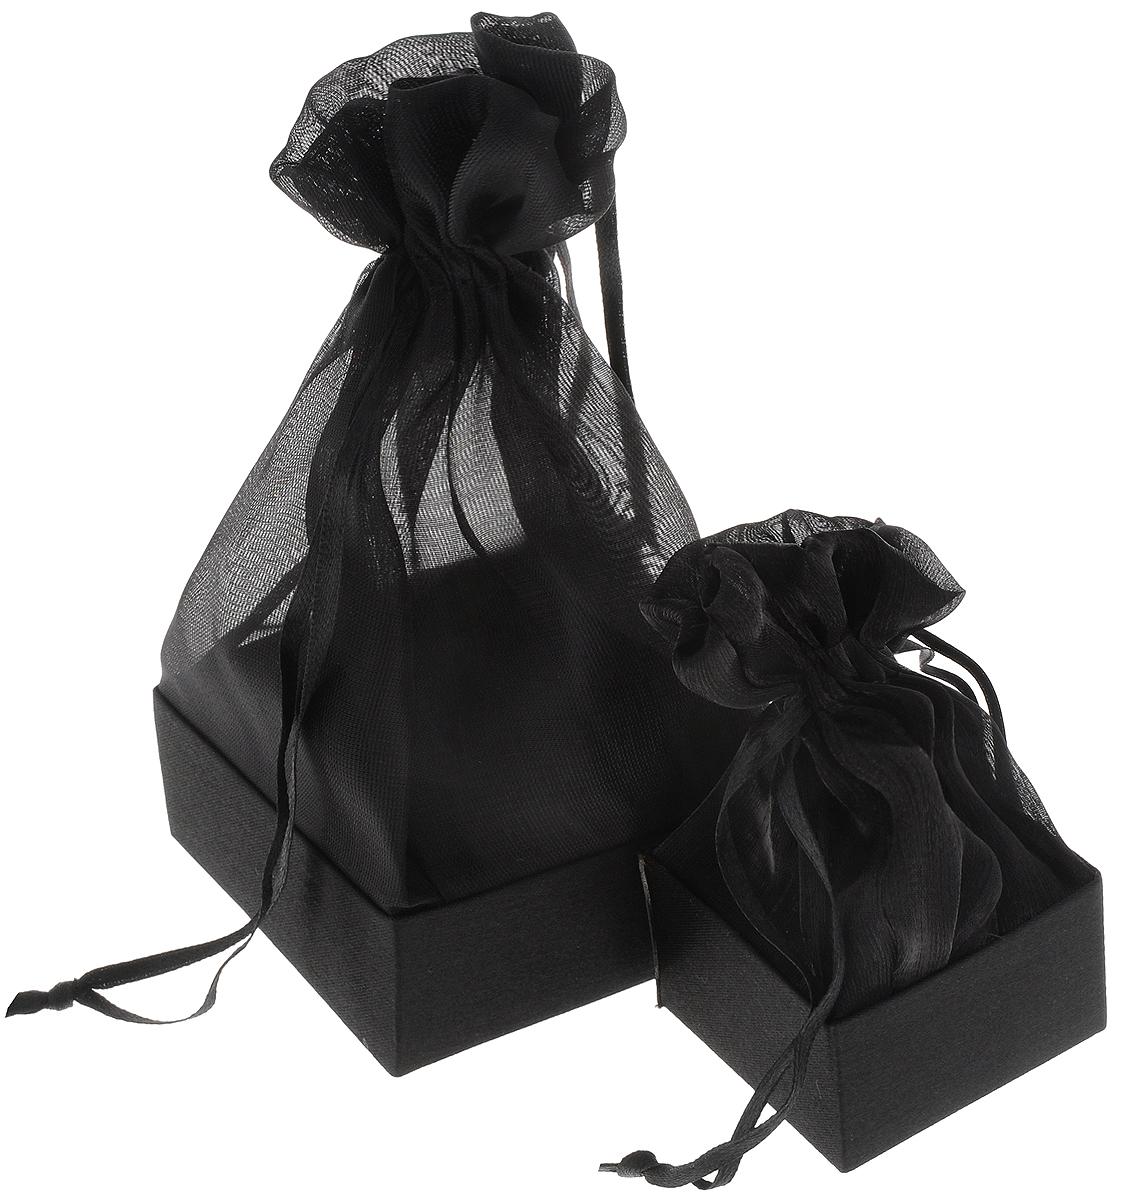 Коробочка для подарка Piovaccari Тиффани, цвет: черный, 7,5 х 7,5 х 16,61898P 19Коробочка для подарка ТИФФАНИ 7,5 х 7,5 х 16 см, Piovaccari Piovaccari Тиффани станет одним из самых оригинальных вариантов упаковки для подарка. Яркий дизайн будет долго напоминать владельцу о трогательных моментах получения подарка.